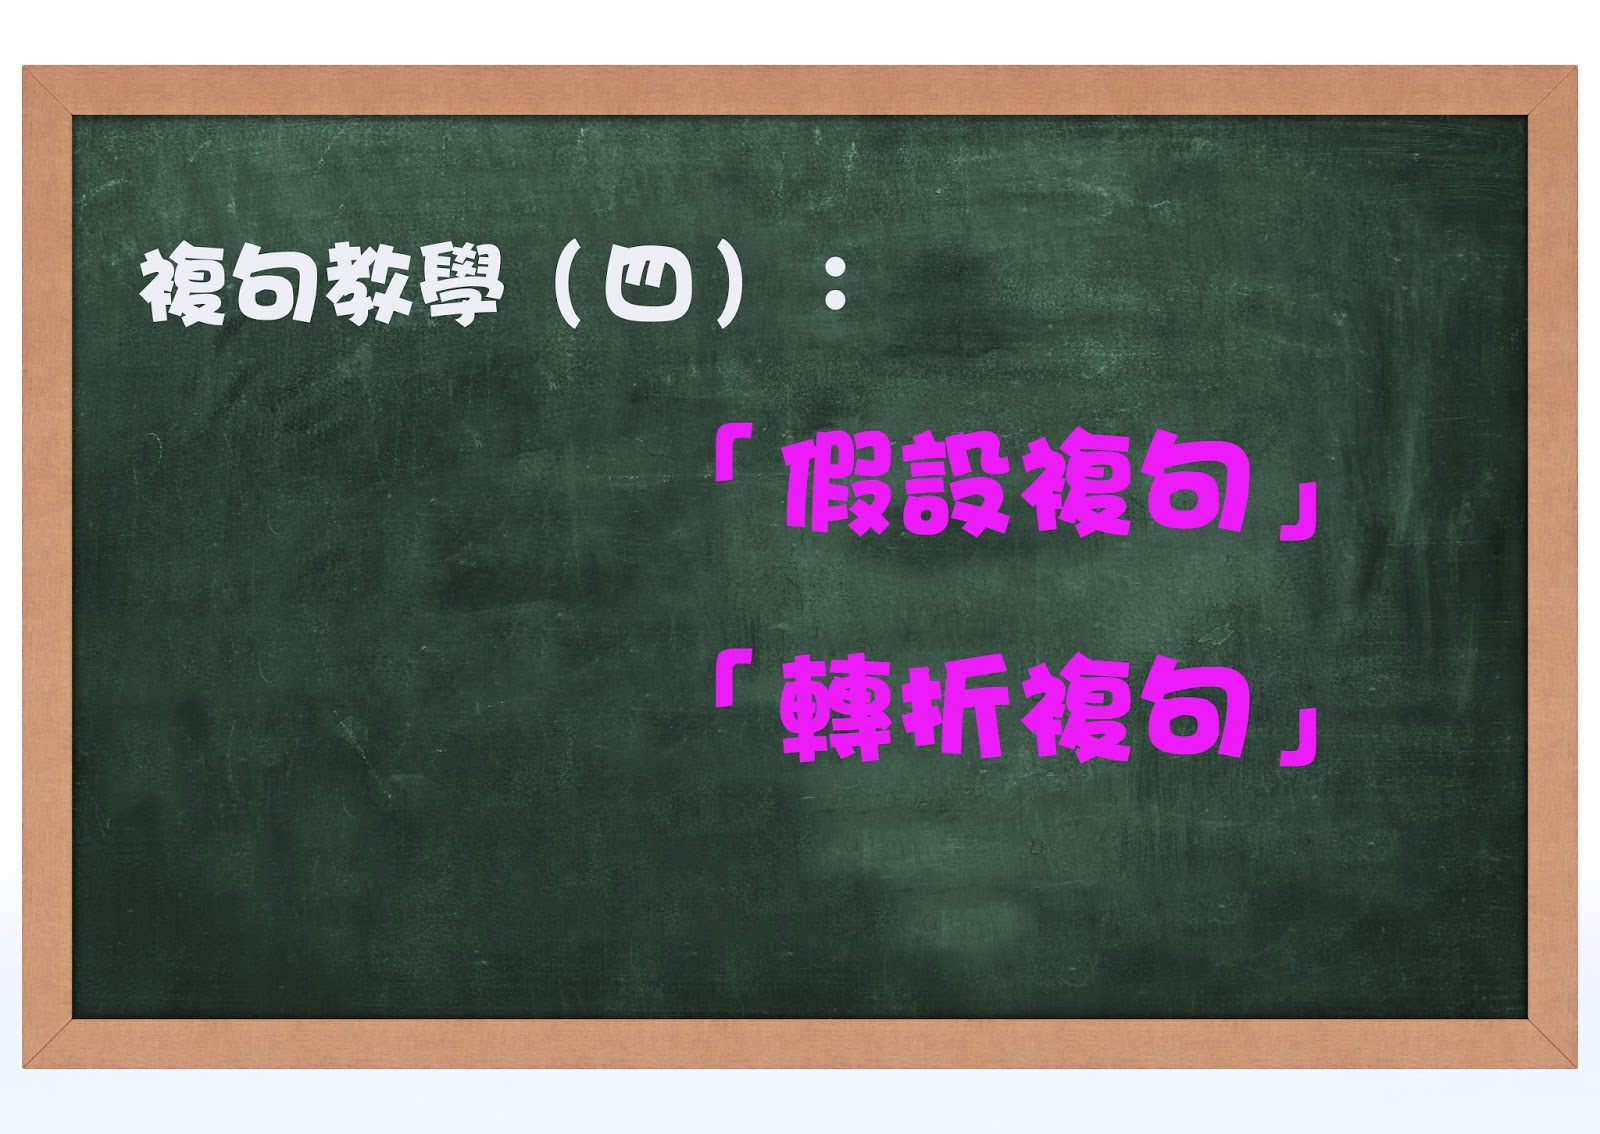 複句教學(四):「假設複句」、「轉折複句」 寫作教室 尤莉姐姐的反轉學堂